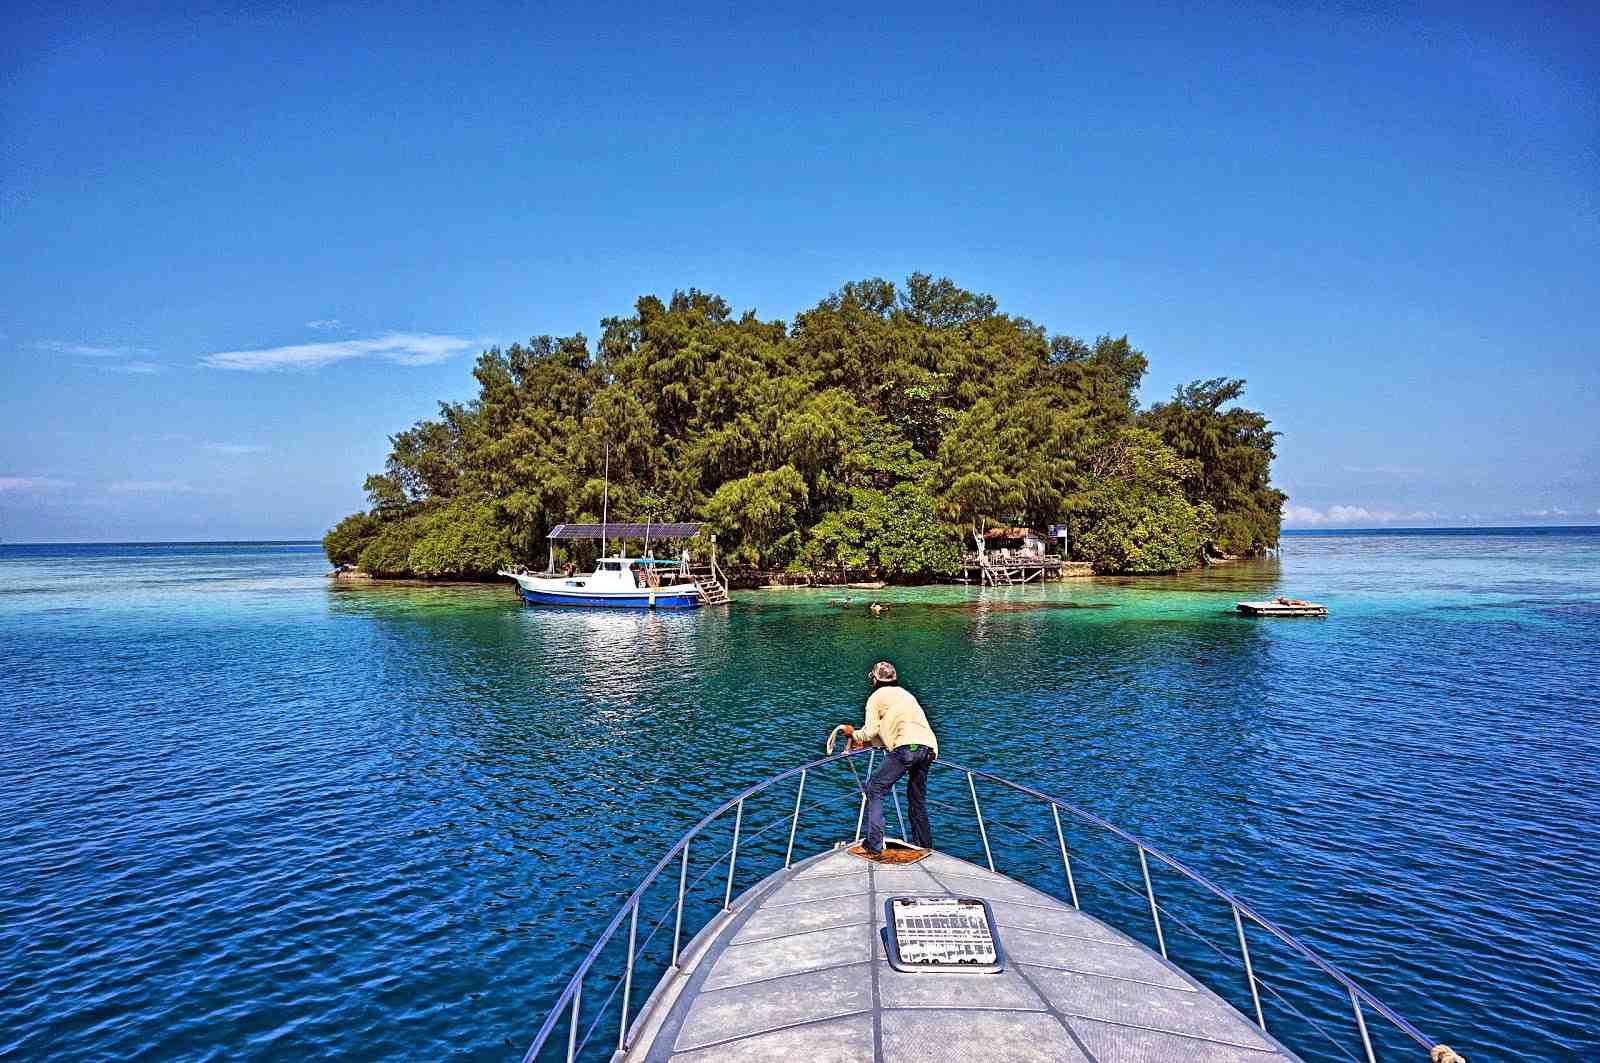 Paket Wisata Pulau Seribu Terbaik di Momotrip - Idare Web